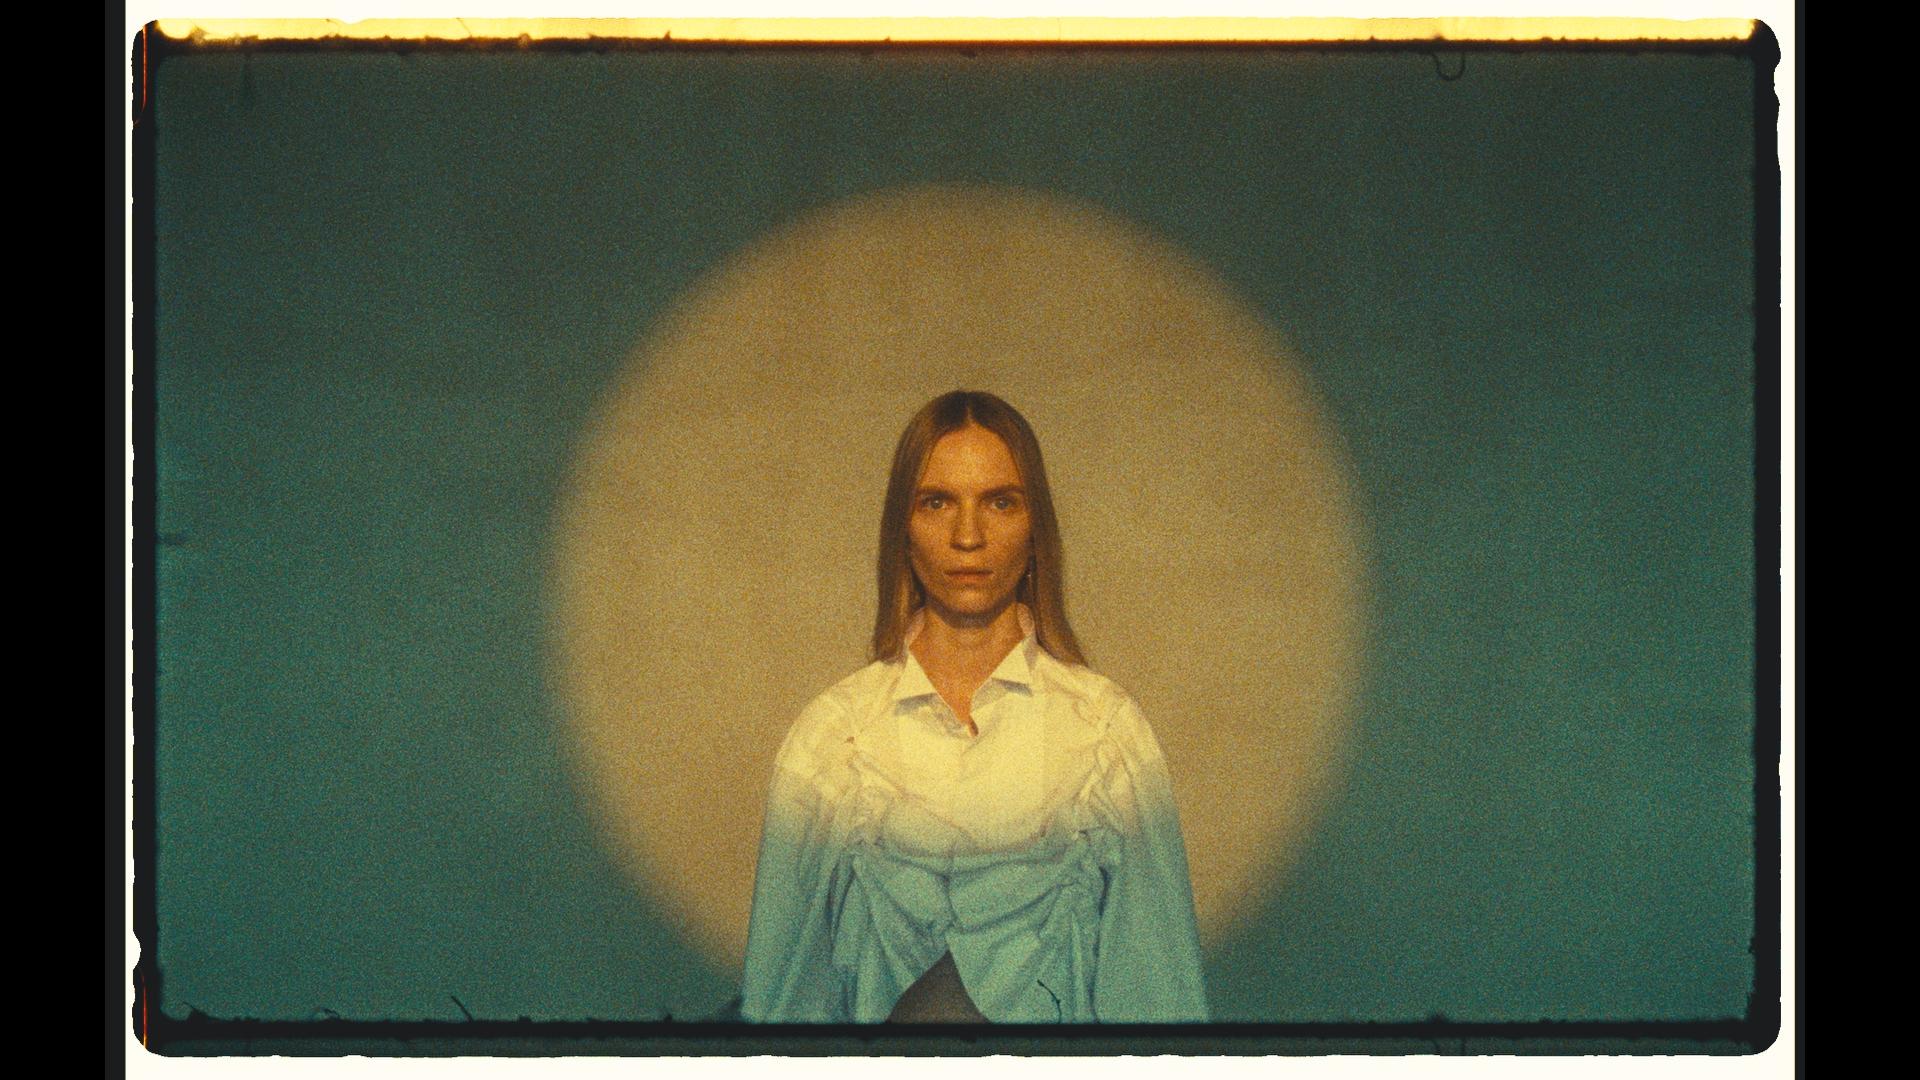 Na zdjeciu widzimy kobiete w blond dlugich wlosach na tle swietlistej kuli w bialej koszuli